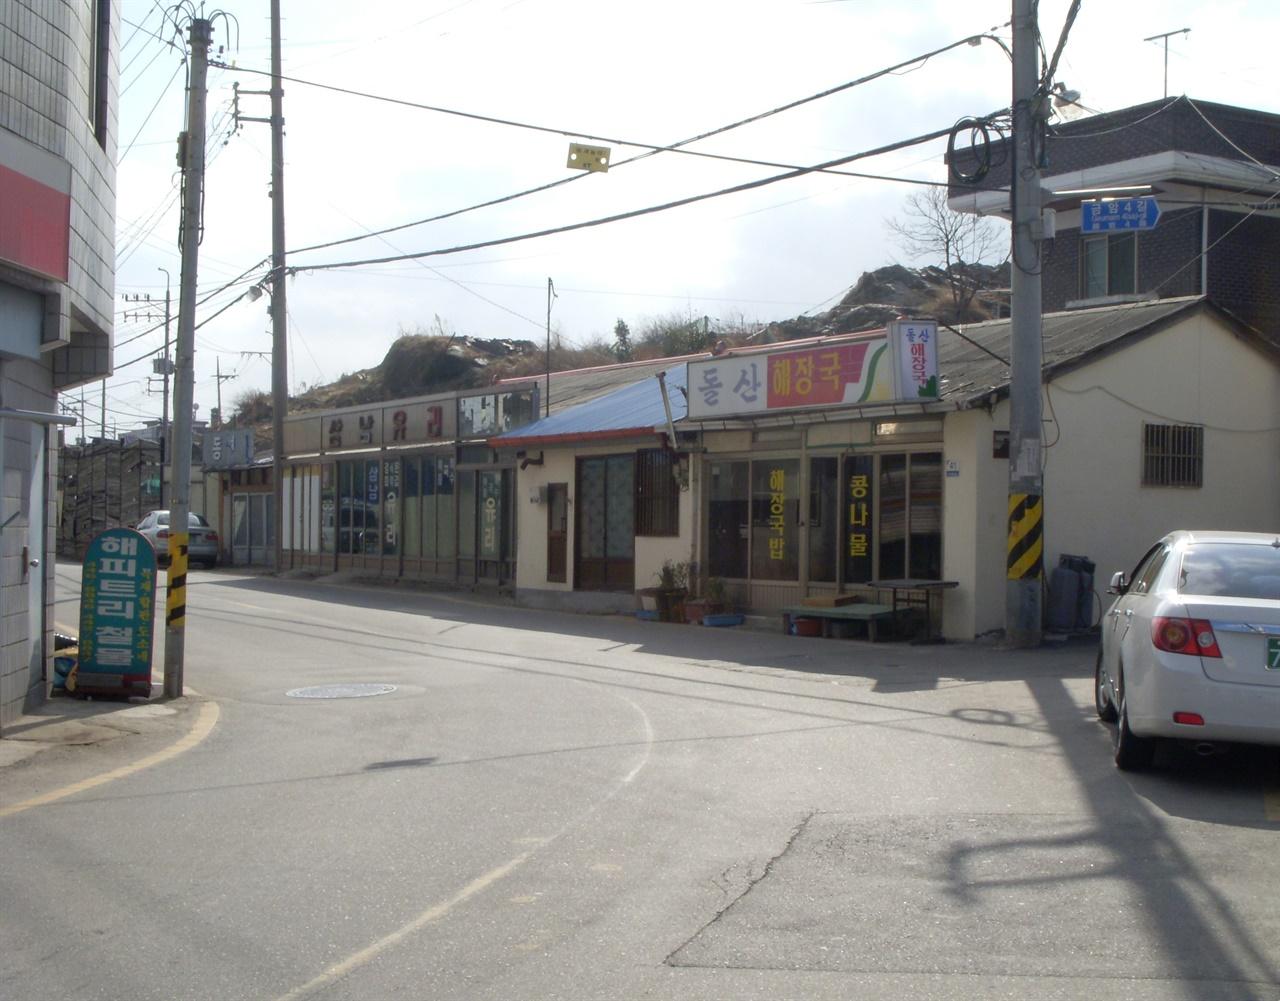 중동사거리-공설시장 잇는 구도로(2010년 촬영. 배경은 서래산 자투리다)